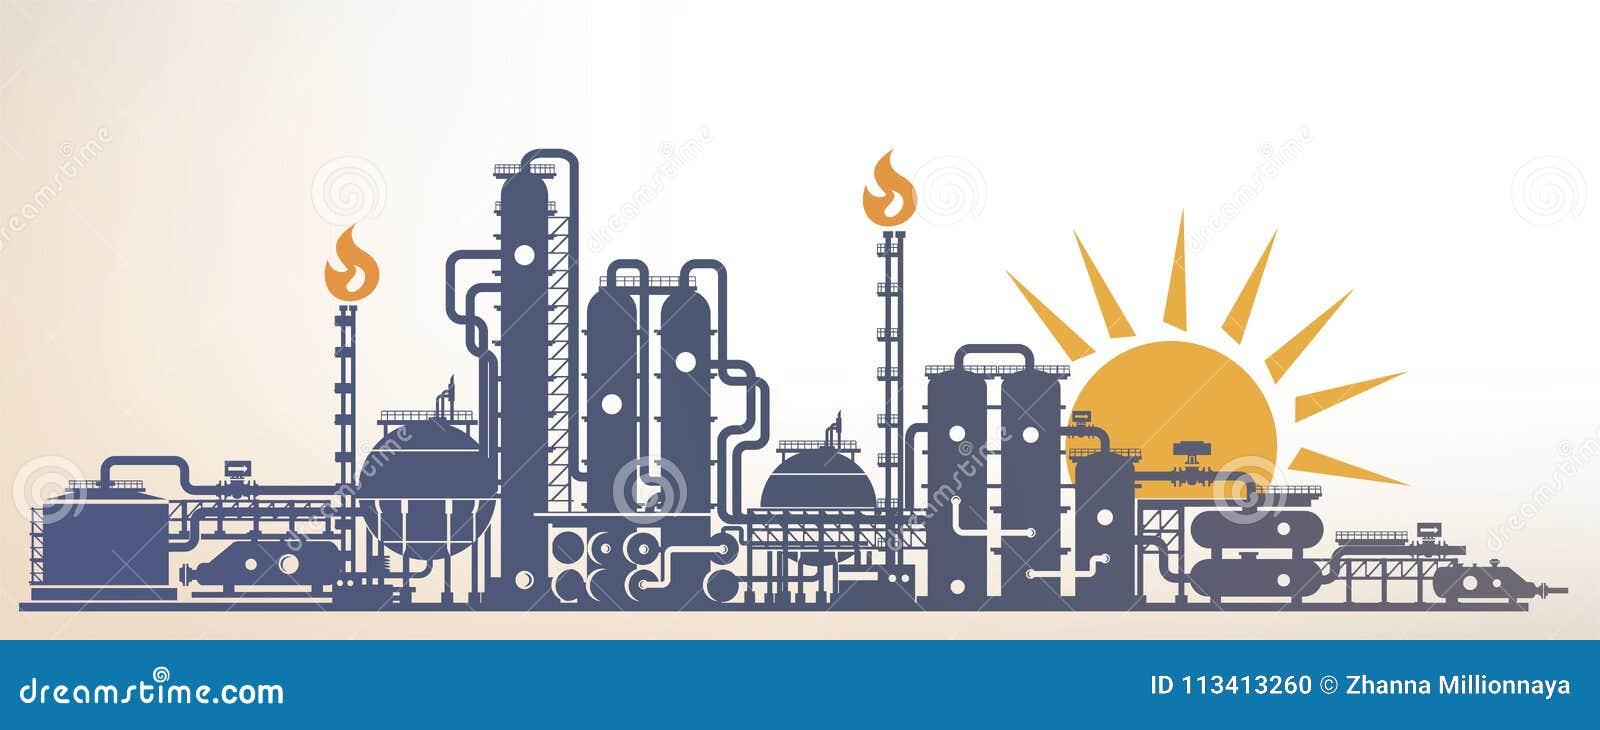 化学制品,石油化学或者加工设备